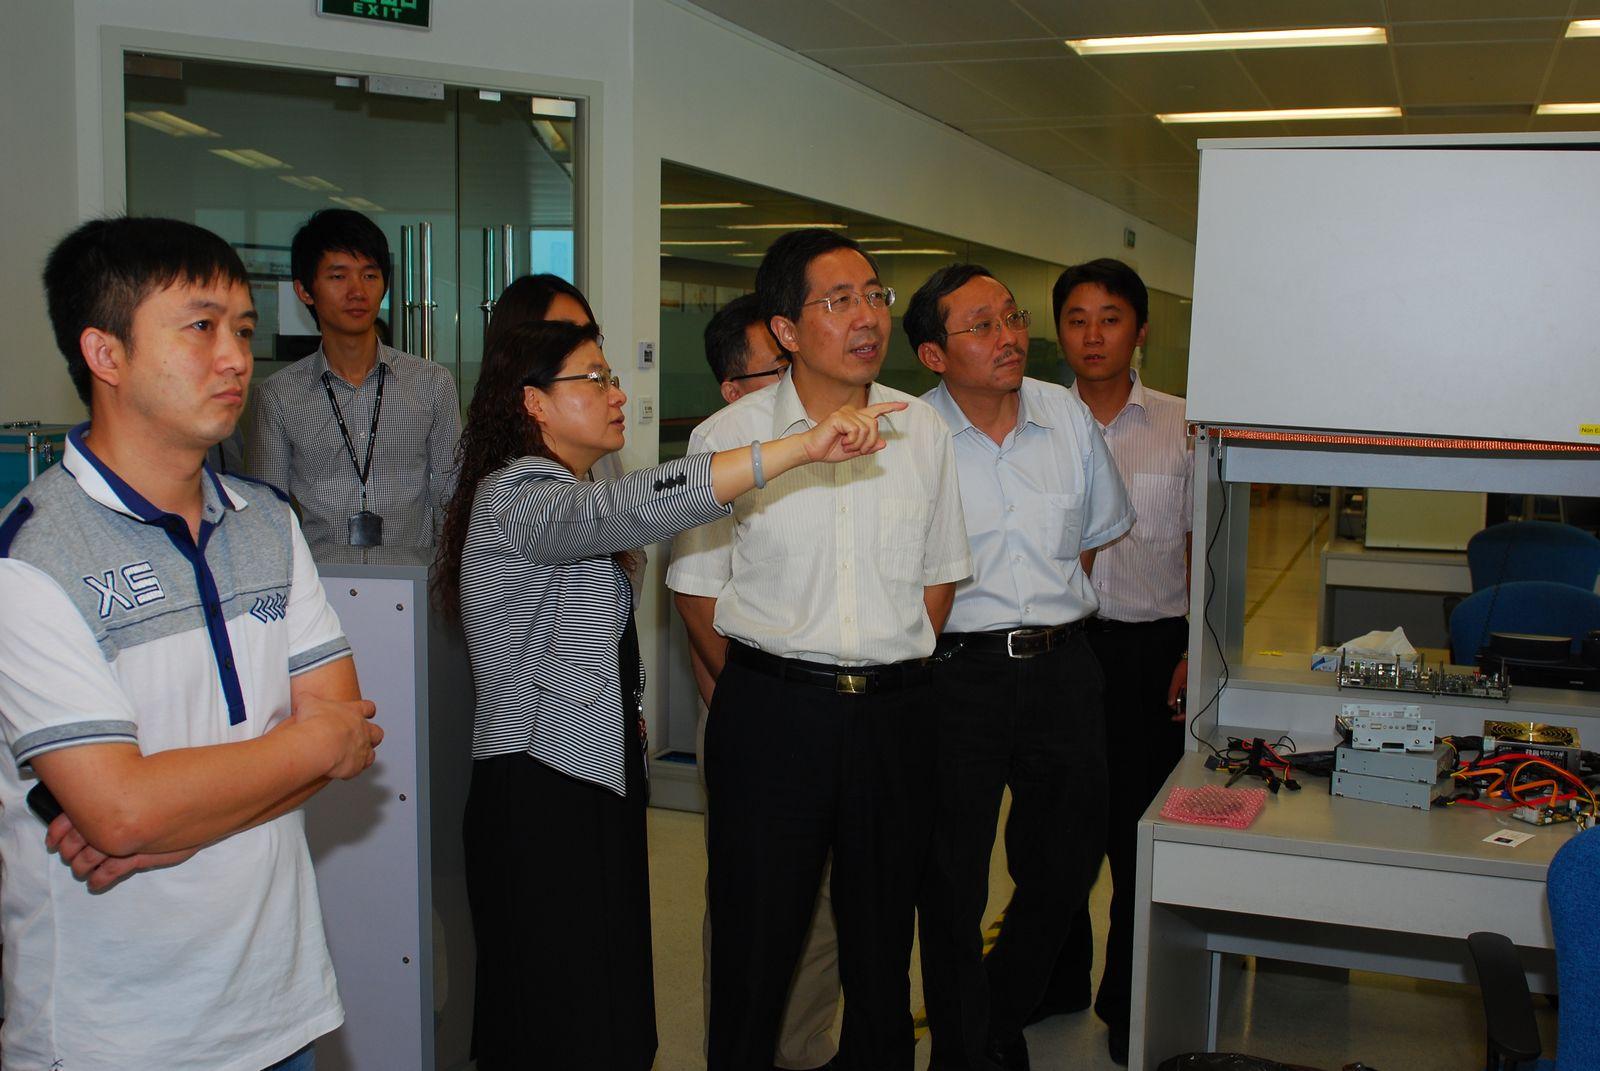 李建东副校长一行参观ti实验室